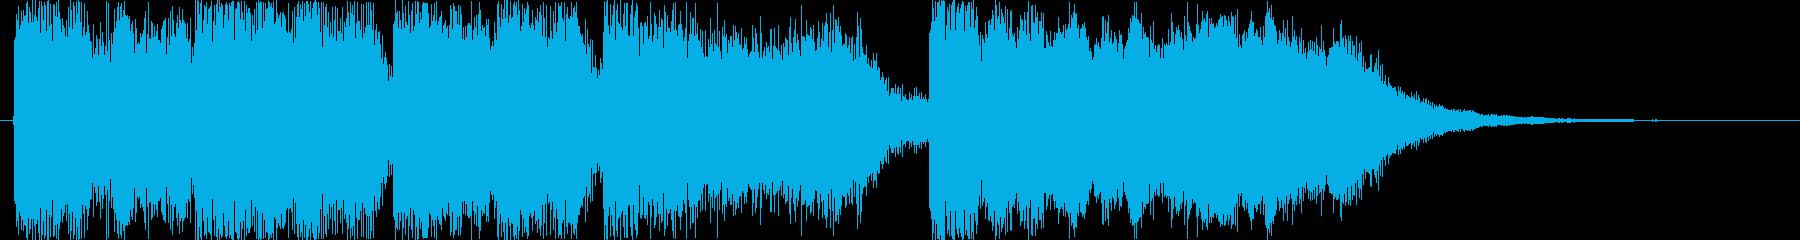 ファンファーレ 優勝 祝福 城の再生済みの波形